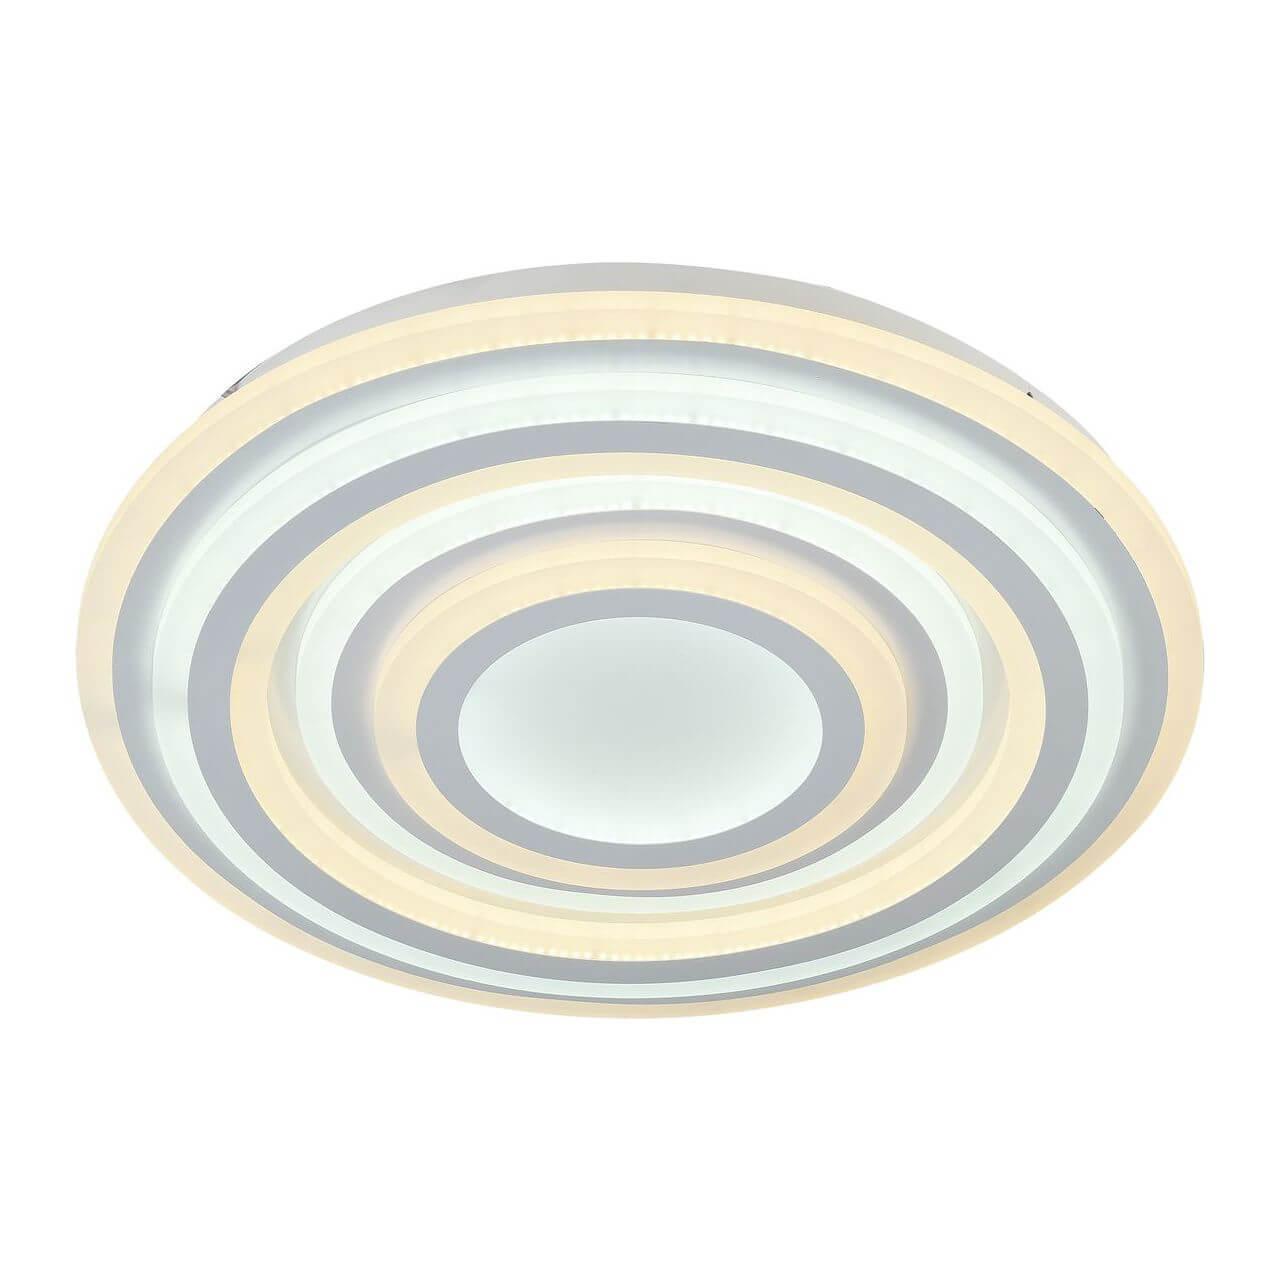 Потолочный светодиодный светильник F-Promo Ledolution 2271-8C